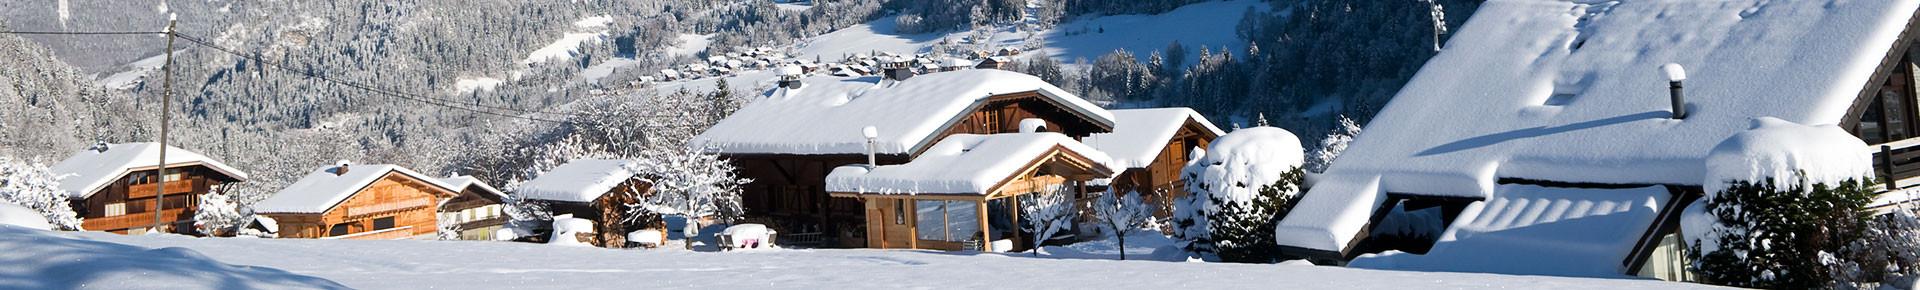 Chalets à prestations hotelières en hiver